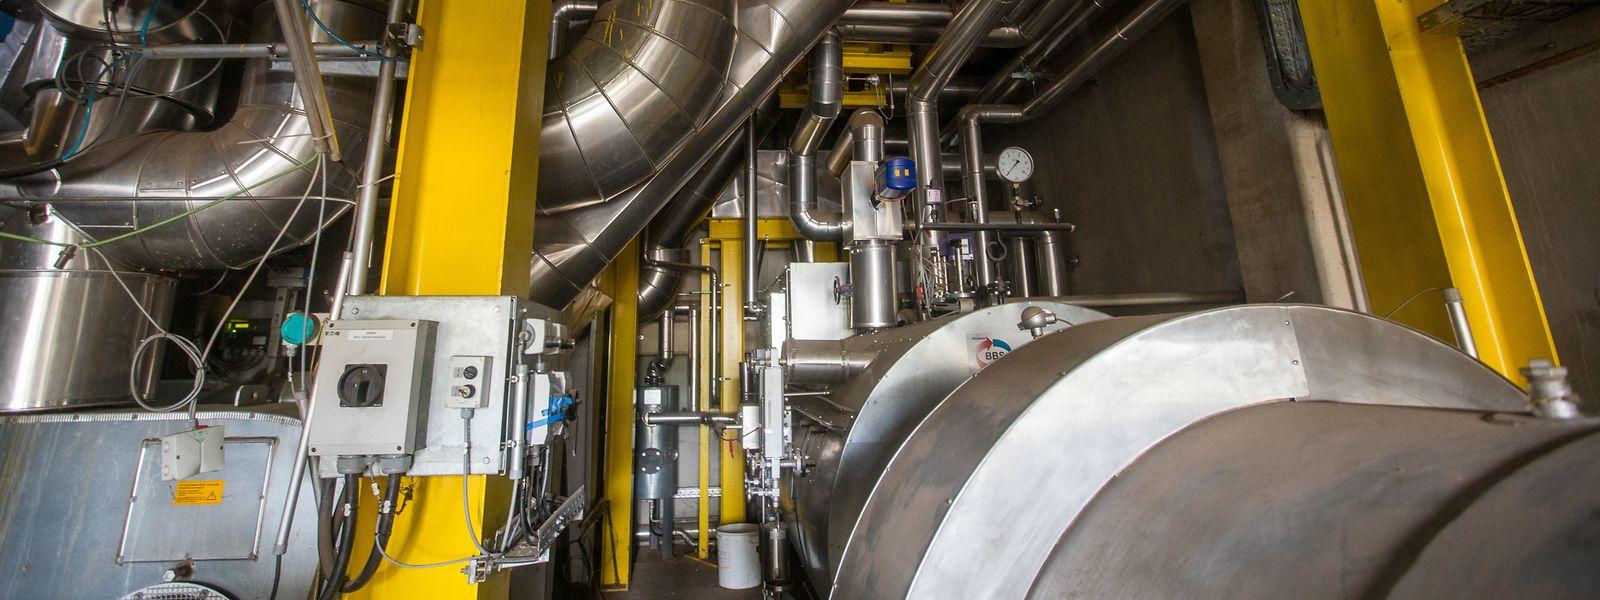 Die Anlage zur Vergasung von Klärschlamm der Firma Soil-Concept ist fast fertig. Das Wirtschaftsministerium hat die Entwicklung der Technik unterstützt, doch jetzt, wo es in die Endphase geht, steht das Umweltministerium auf der Bremse.